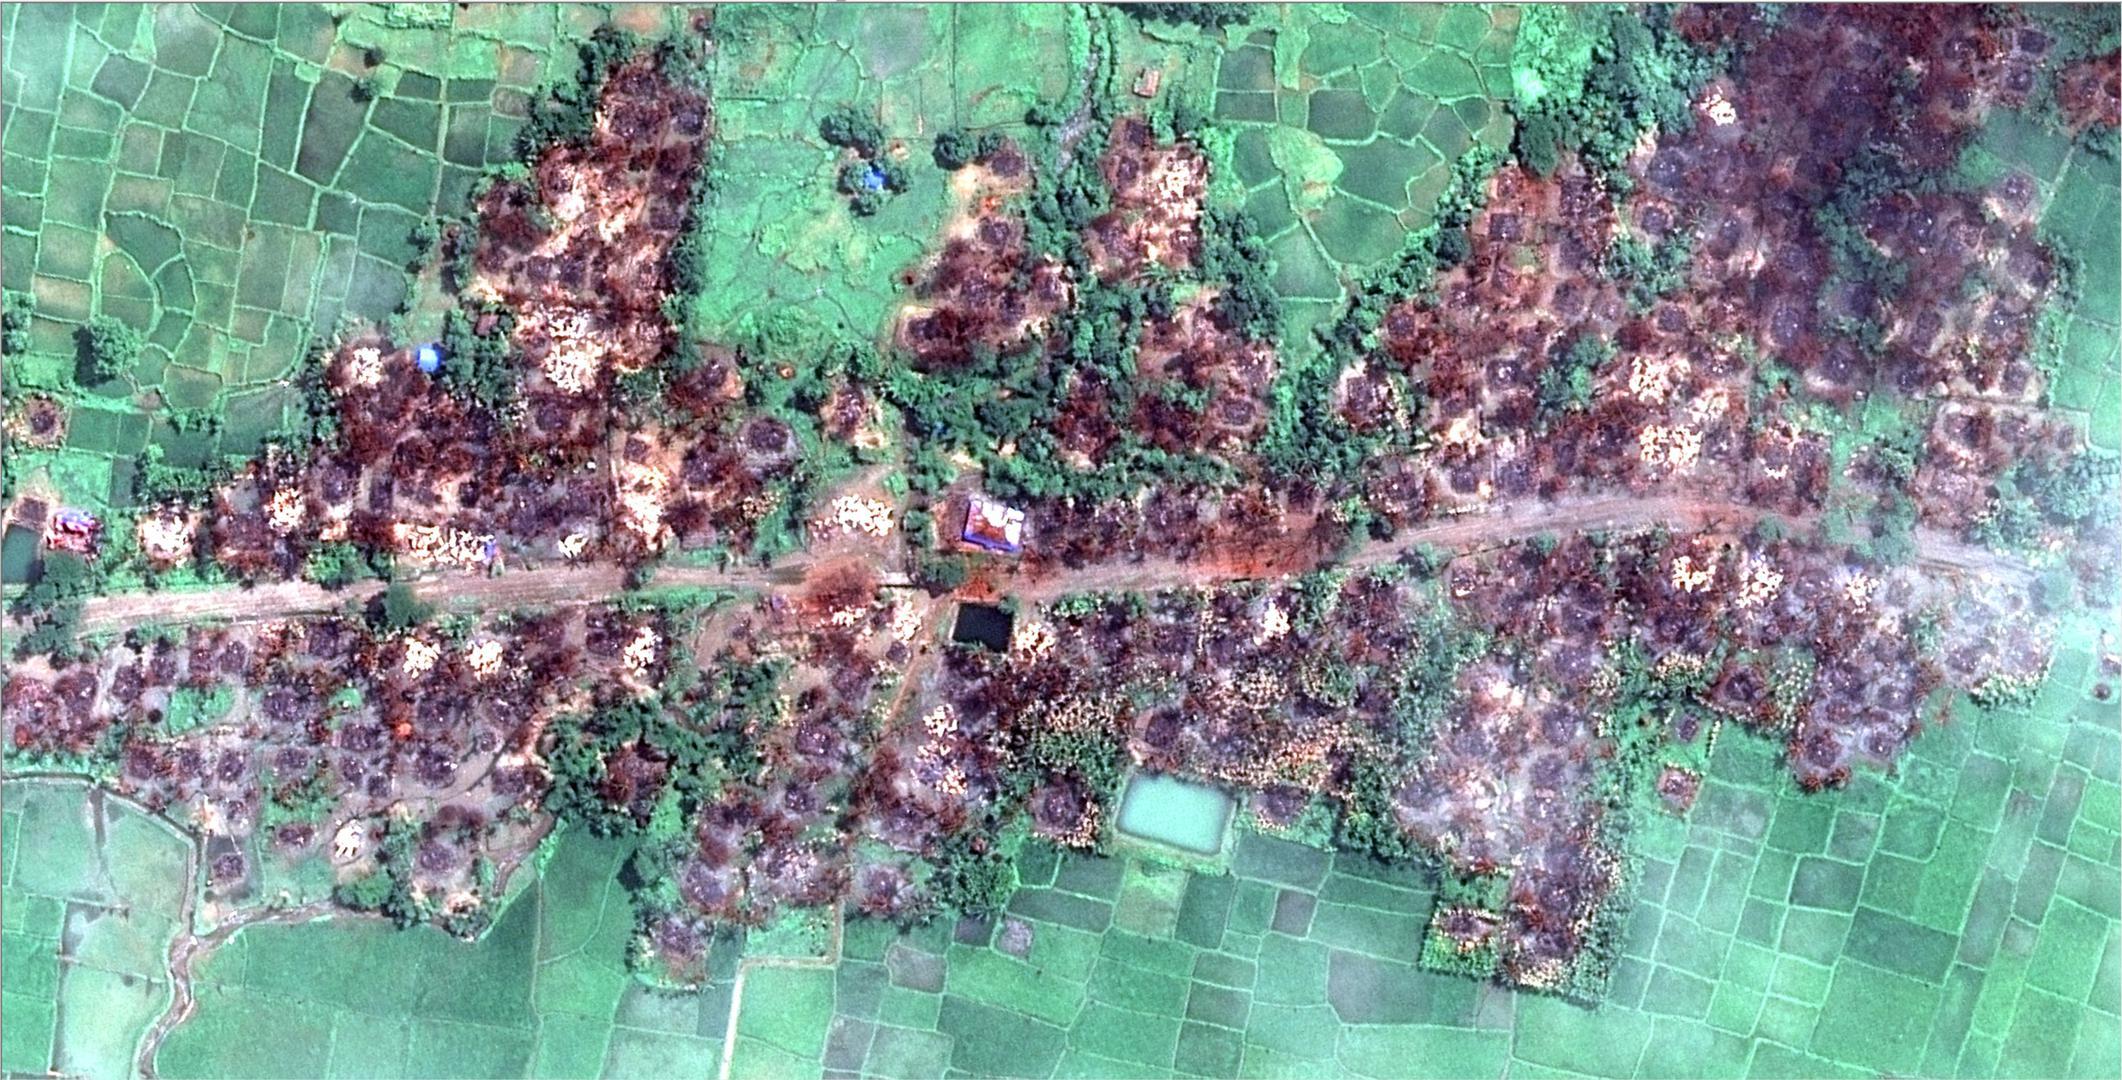 人权观察取得最新卫星照片显示清卡里(Chein Khar Li)全村毁灭。